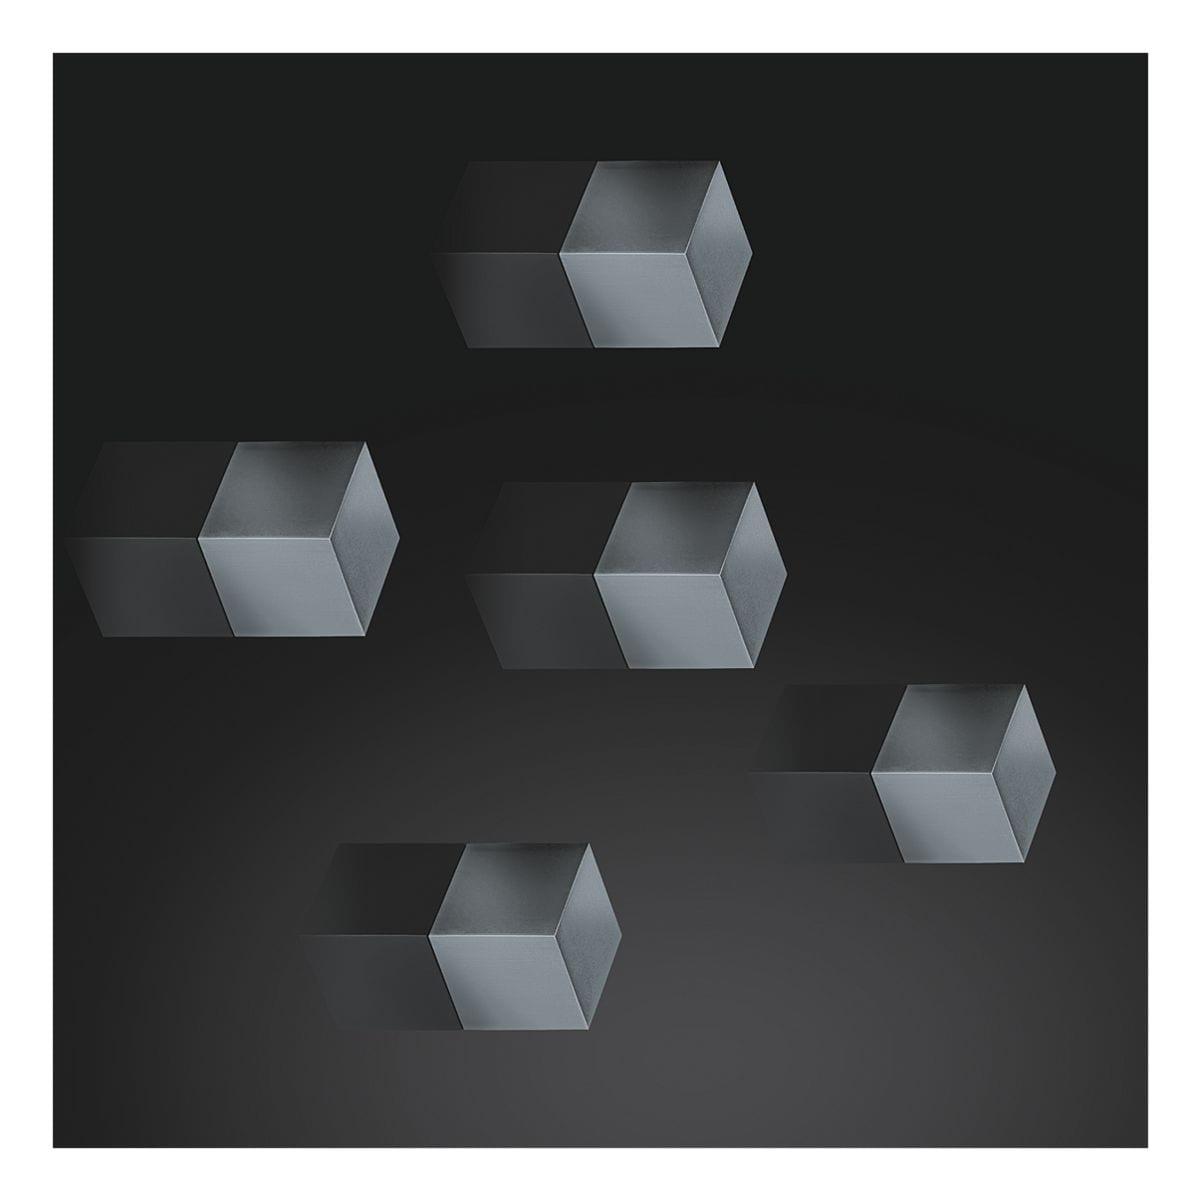 sigel 5er set magnetw rfel superdym magnete gl728 bei otto office g nstig kaufen. Black Bedroom Furniture Sets. Home Design Ideas